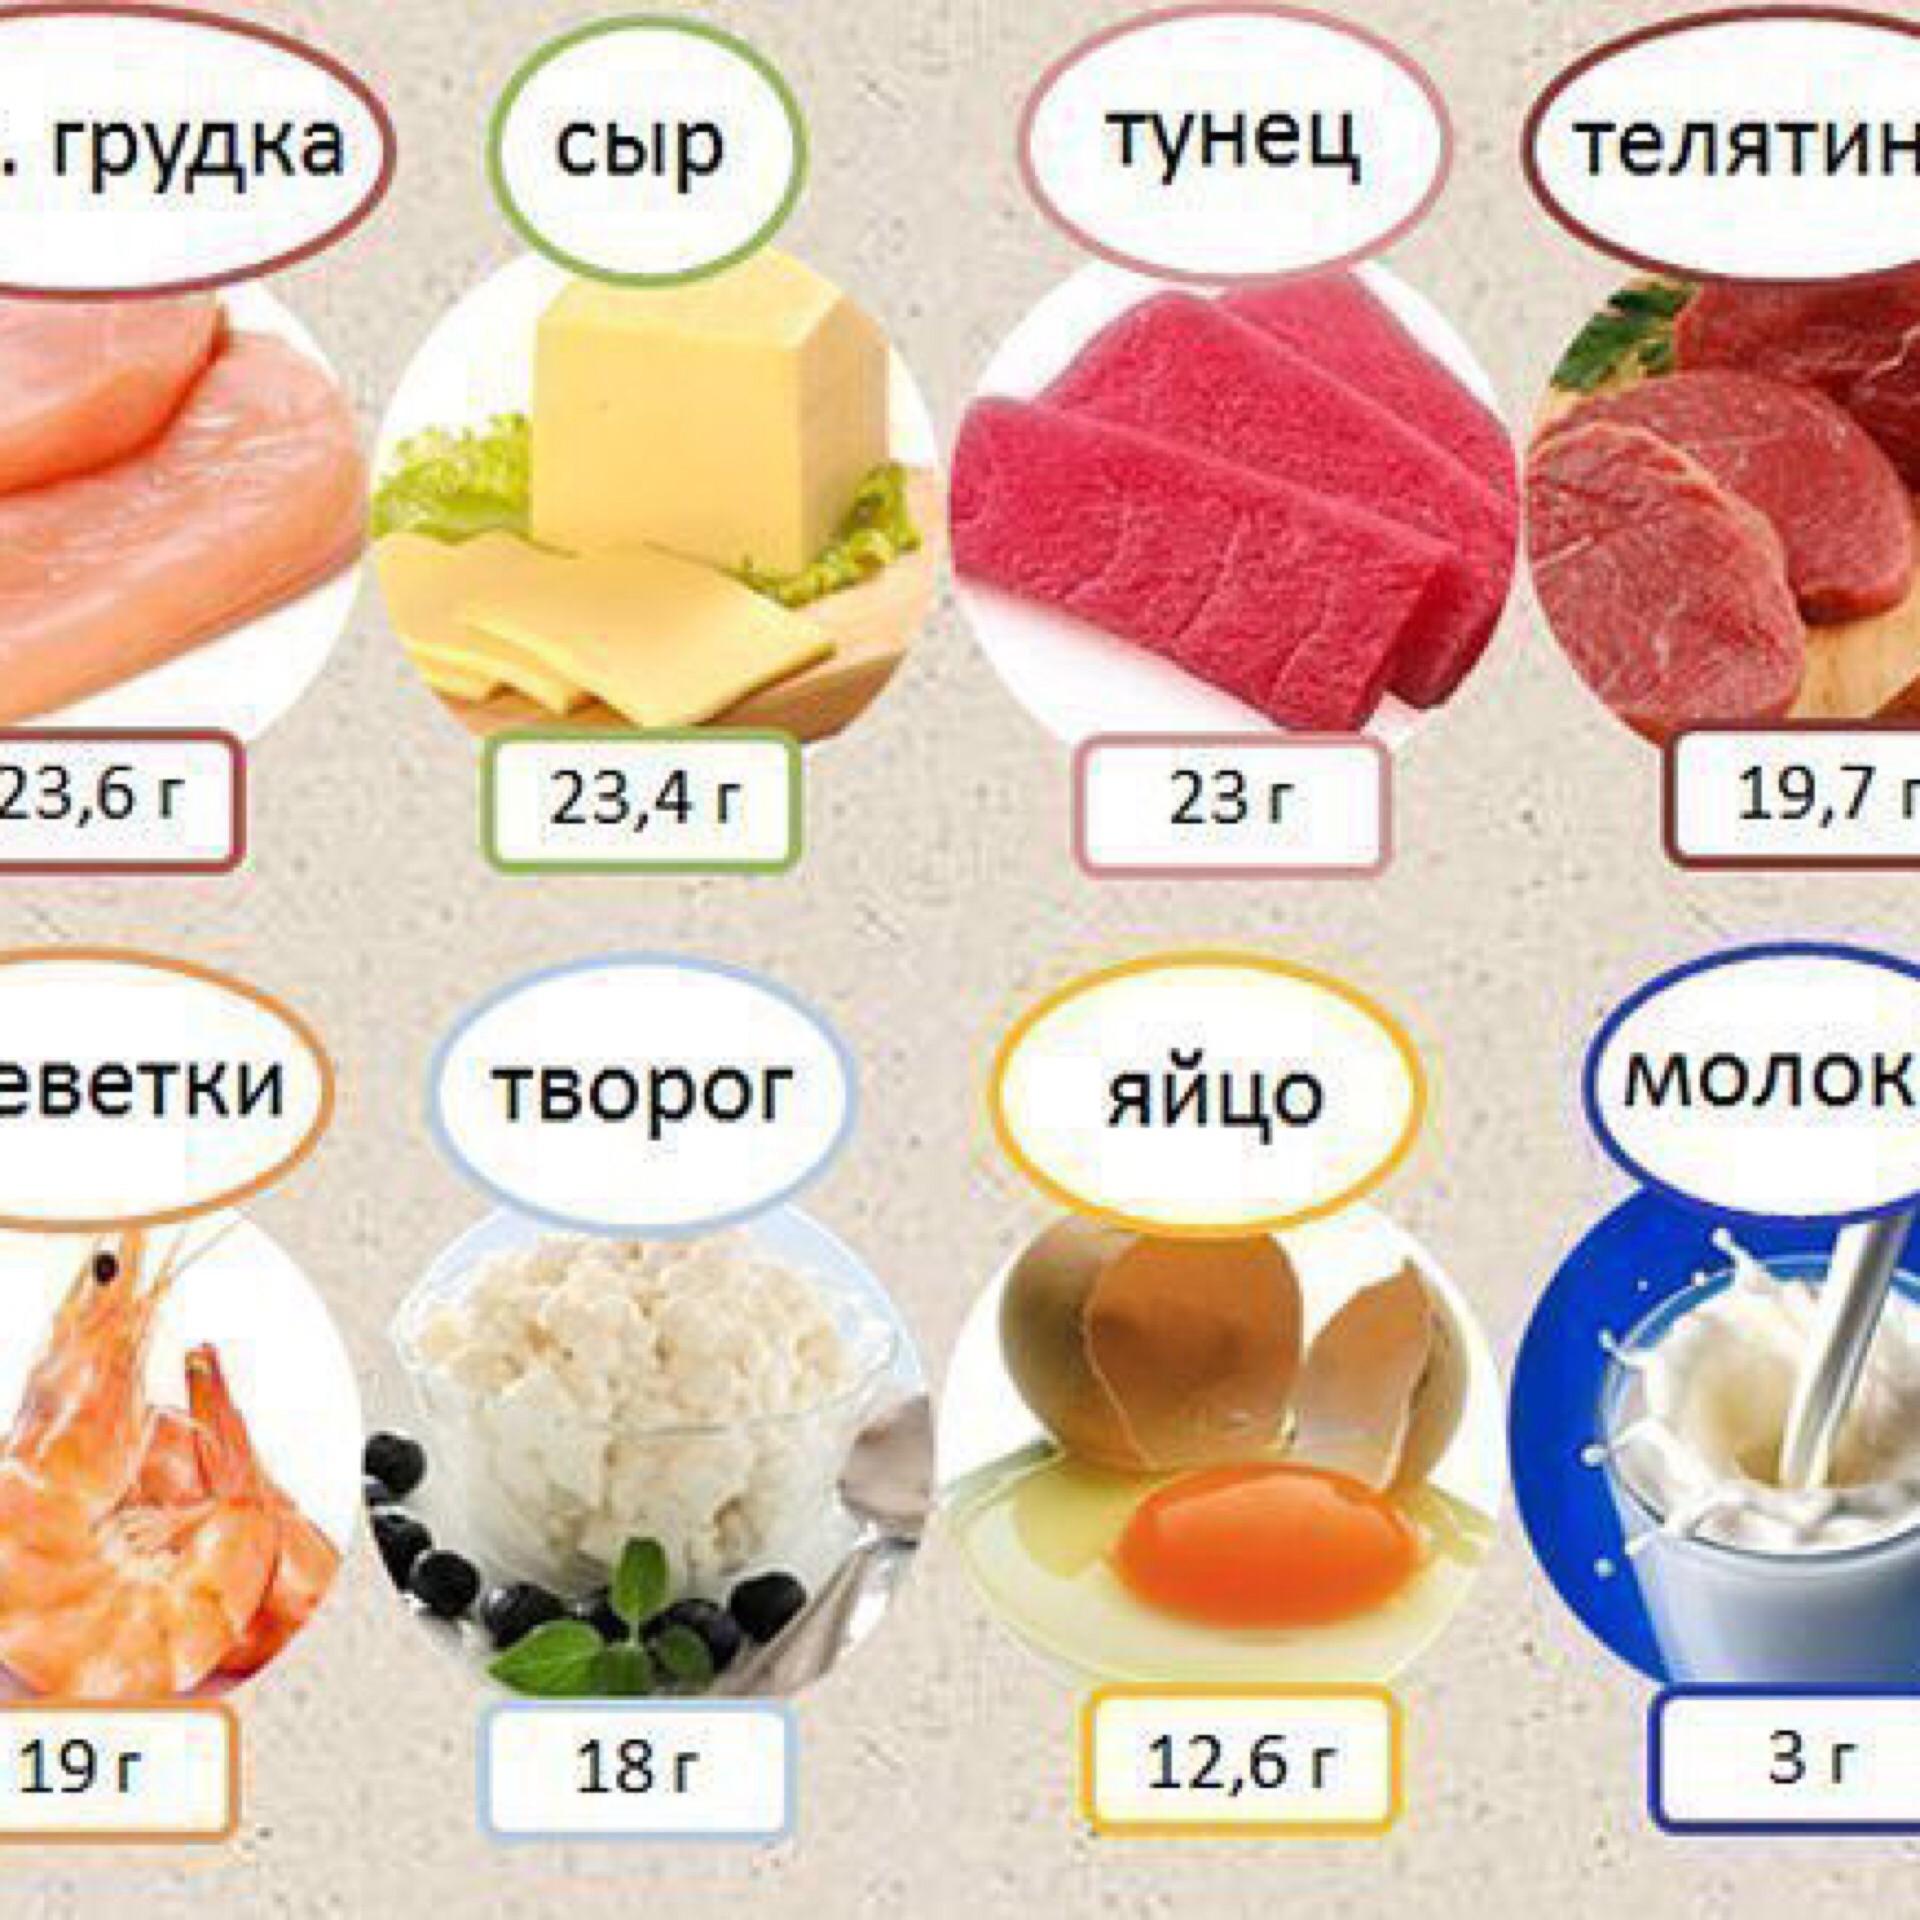 Какие Продукты Содержат Белок При Диете. Что можно есть на белковой диете: список продуктов, что можно есть, рацион, на сколько можно похудеть